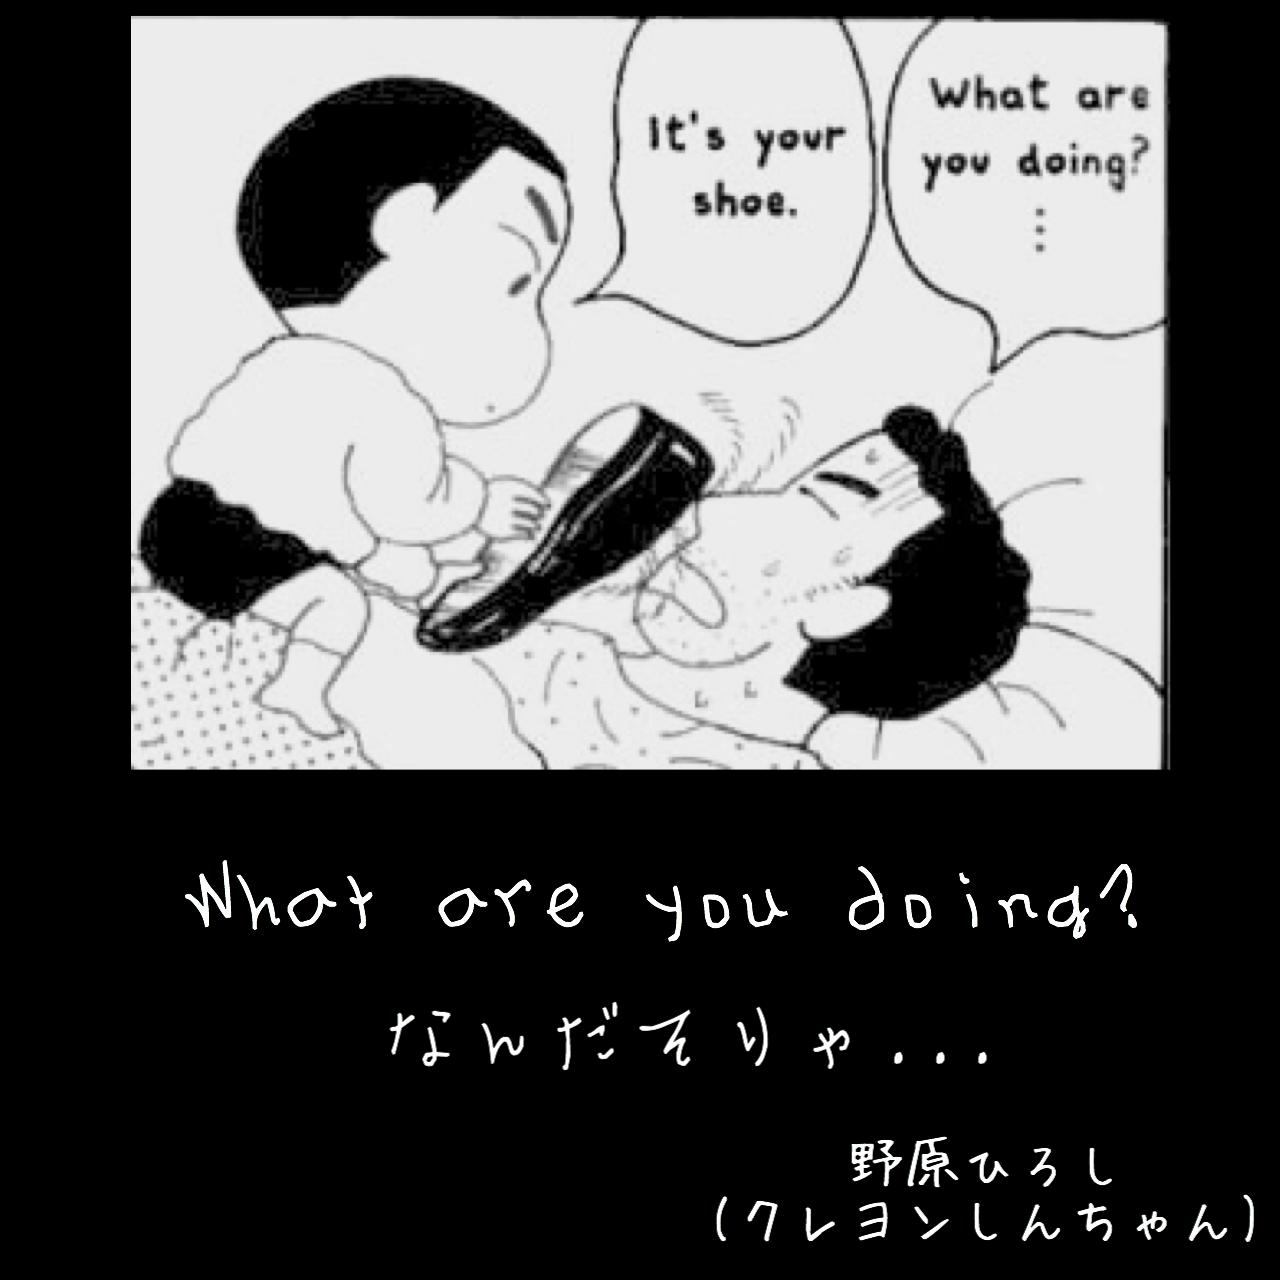 なんだそりゃ / 野原ひろし(クレヨンしんちゃん)